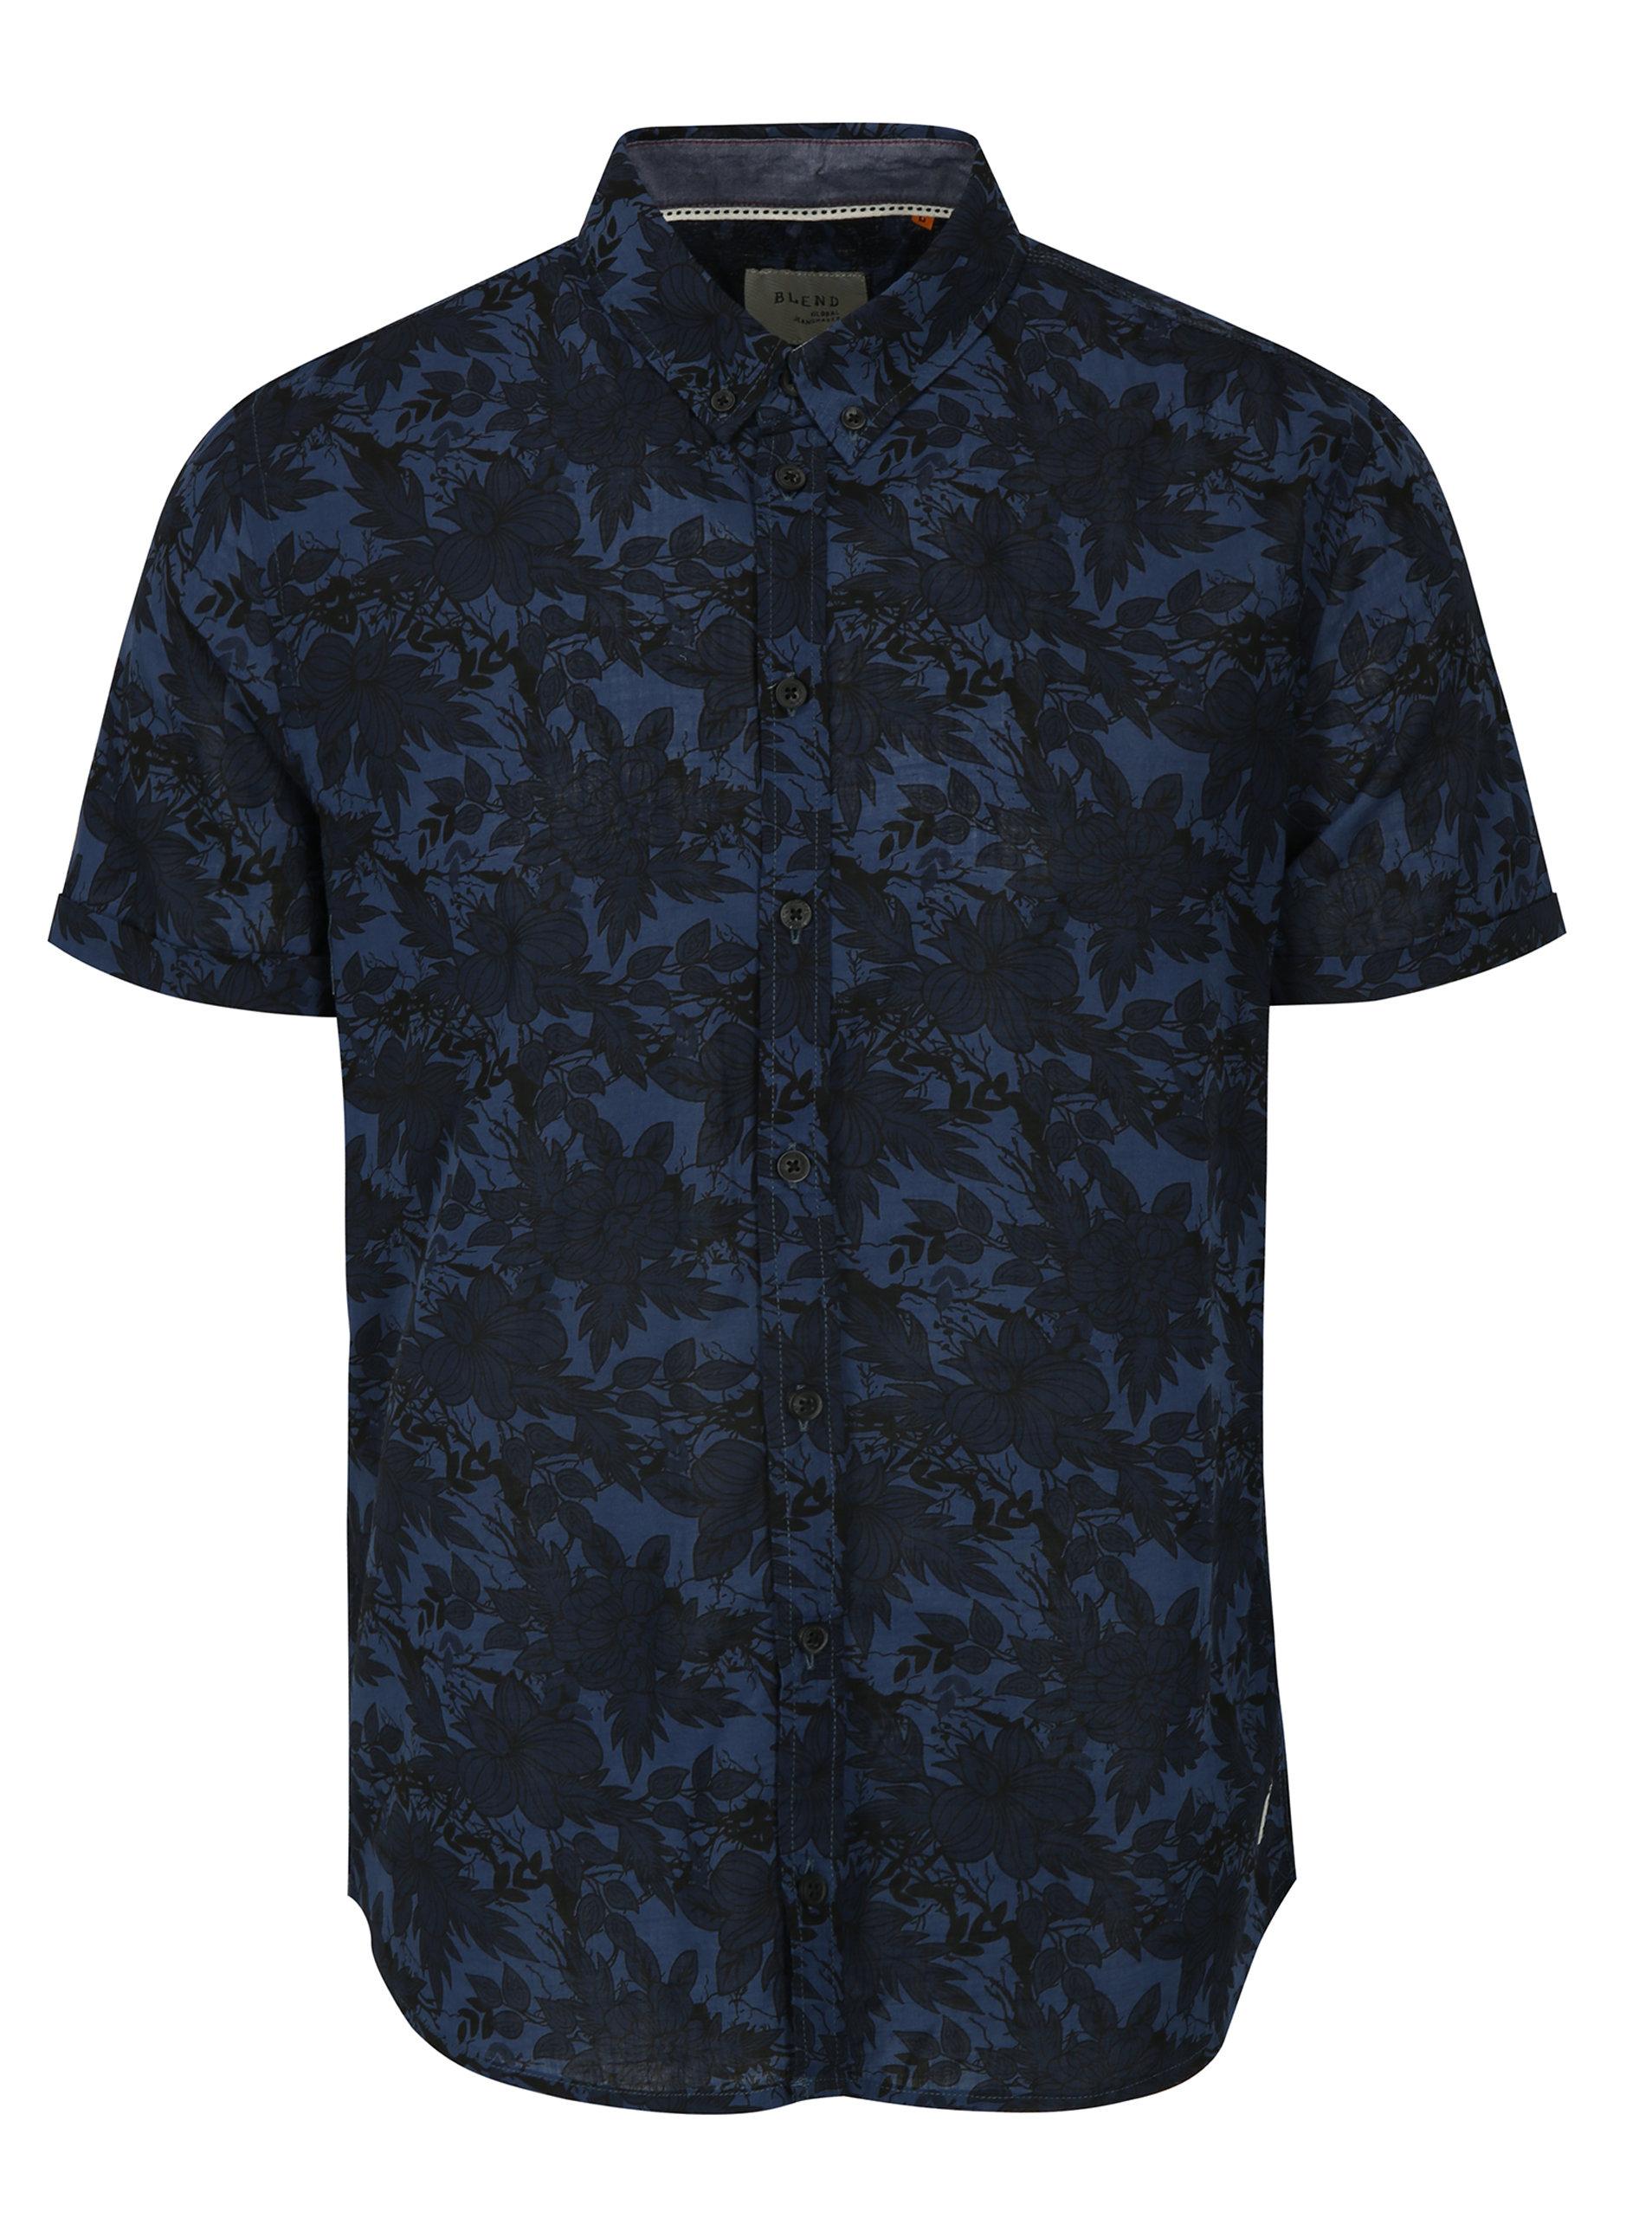 0f702f8ba08 Tmavě modrá květovaná slim fit košile Blend ...